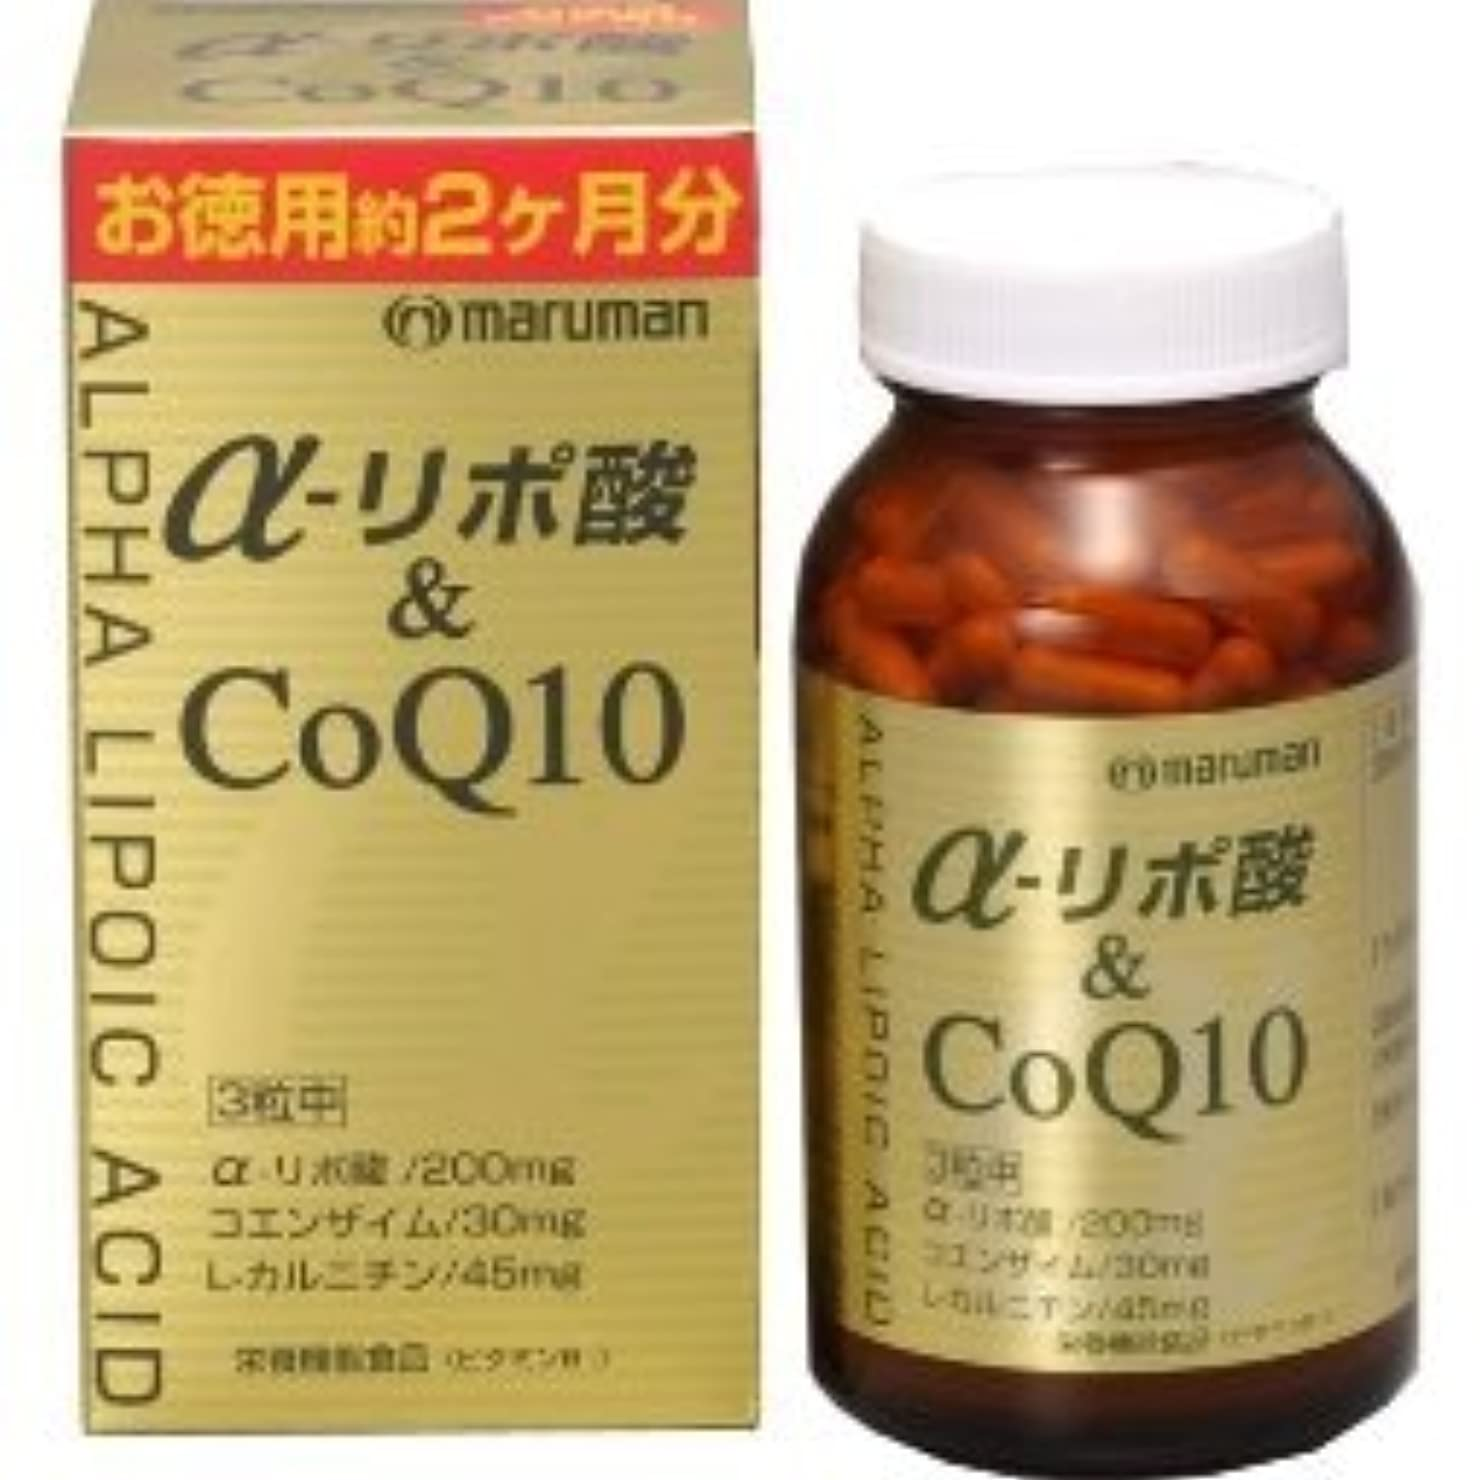 挽く小道休戦αリポ酸&COQ10 180粒